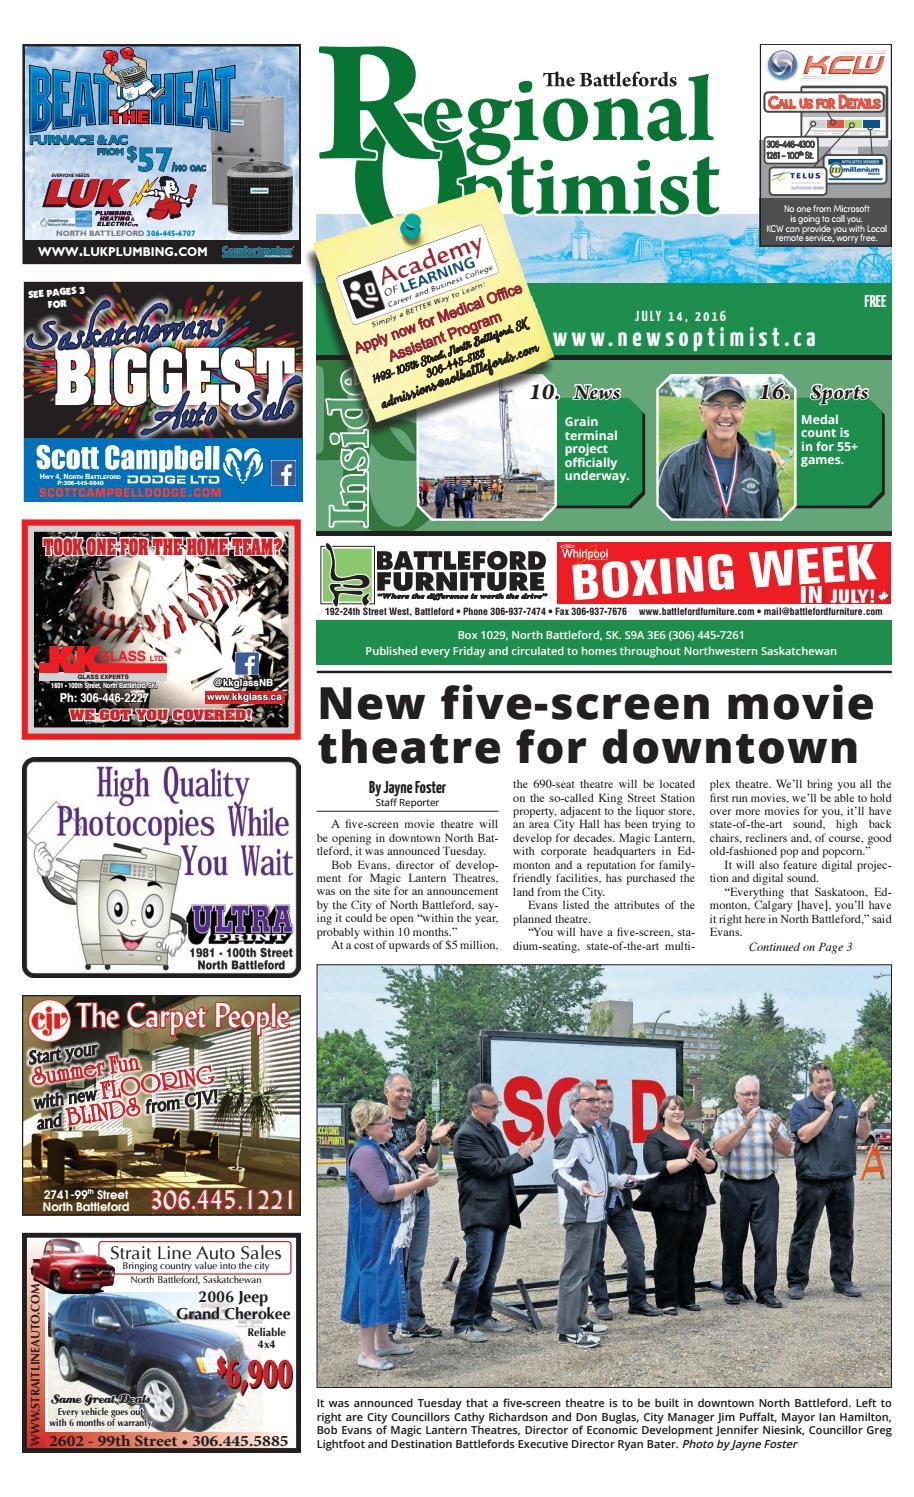 Regional Optimist July 14 by Battlefords News Optimist - issuu